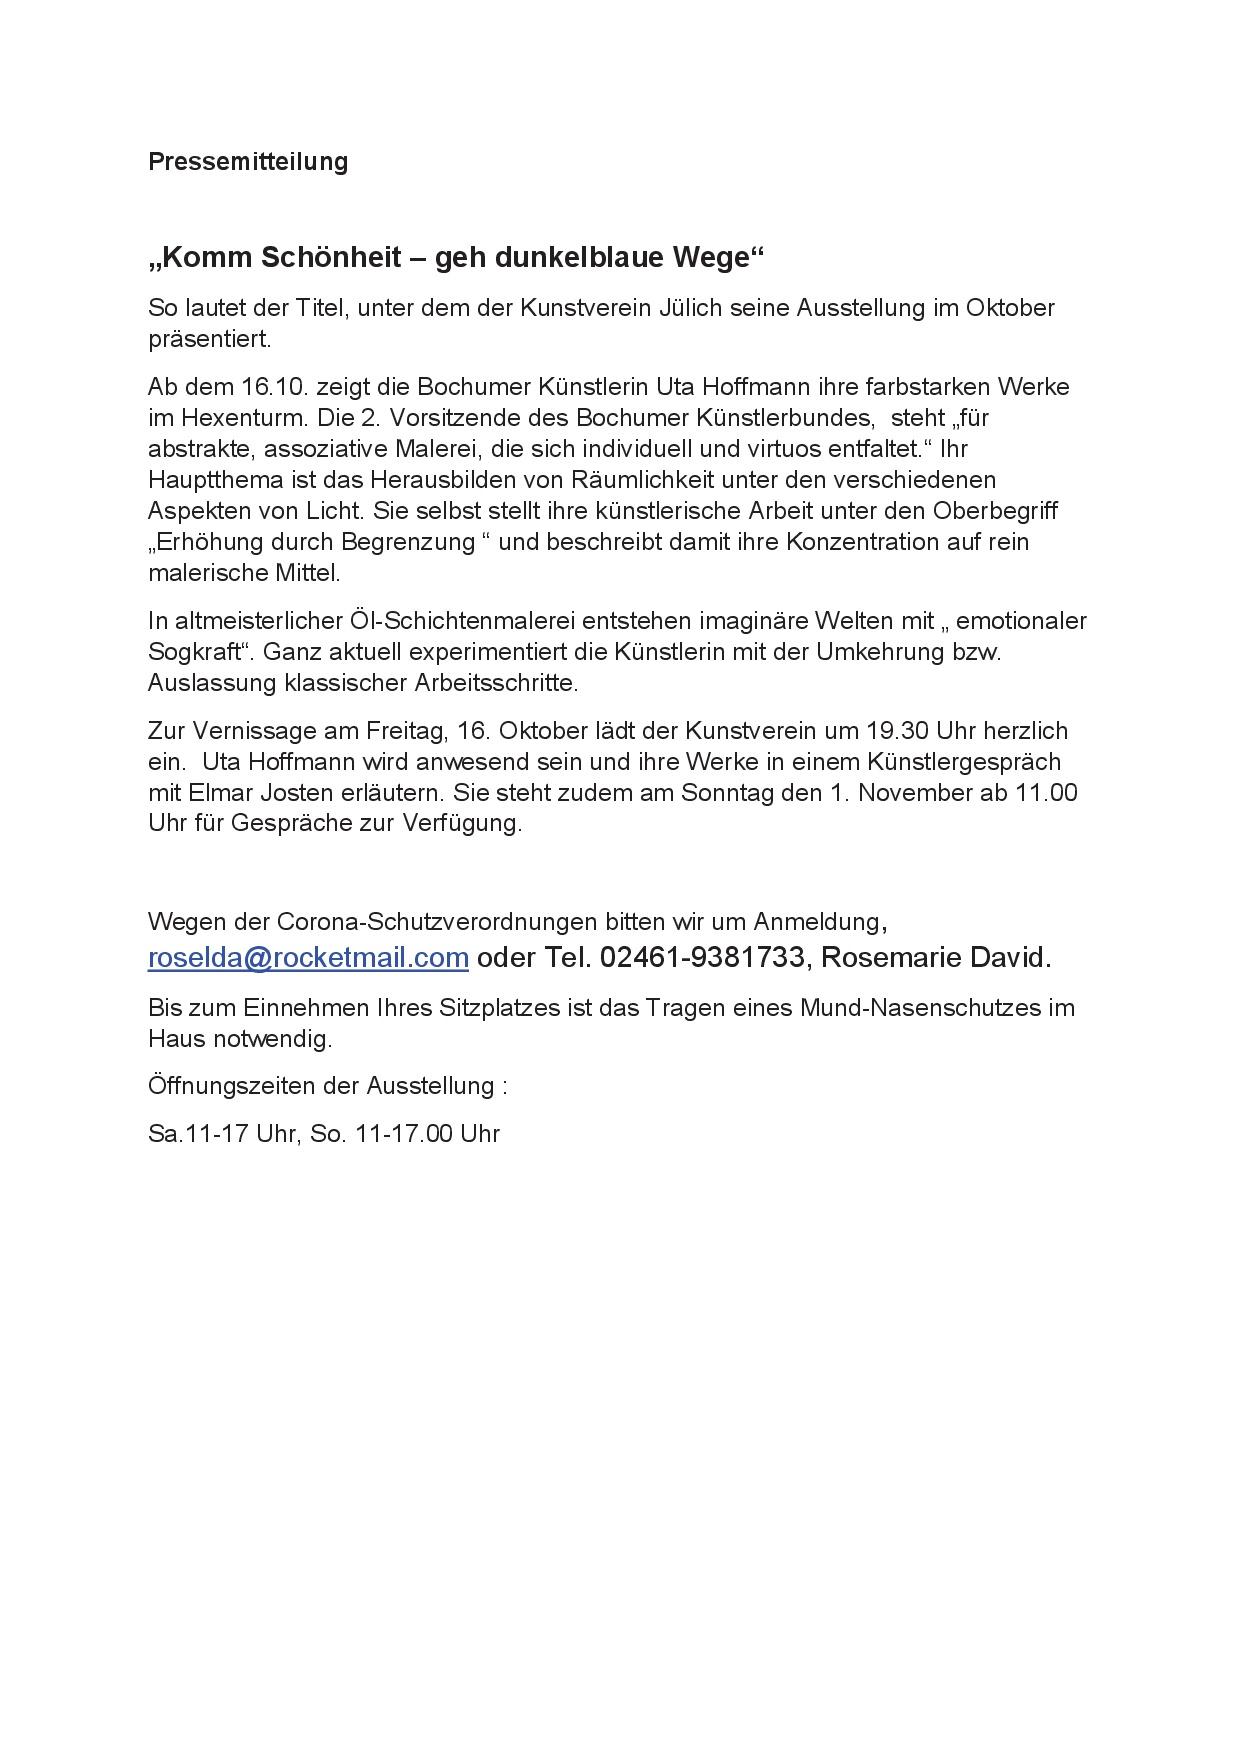 Pressemitteilung Hoffmann